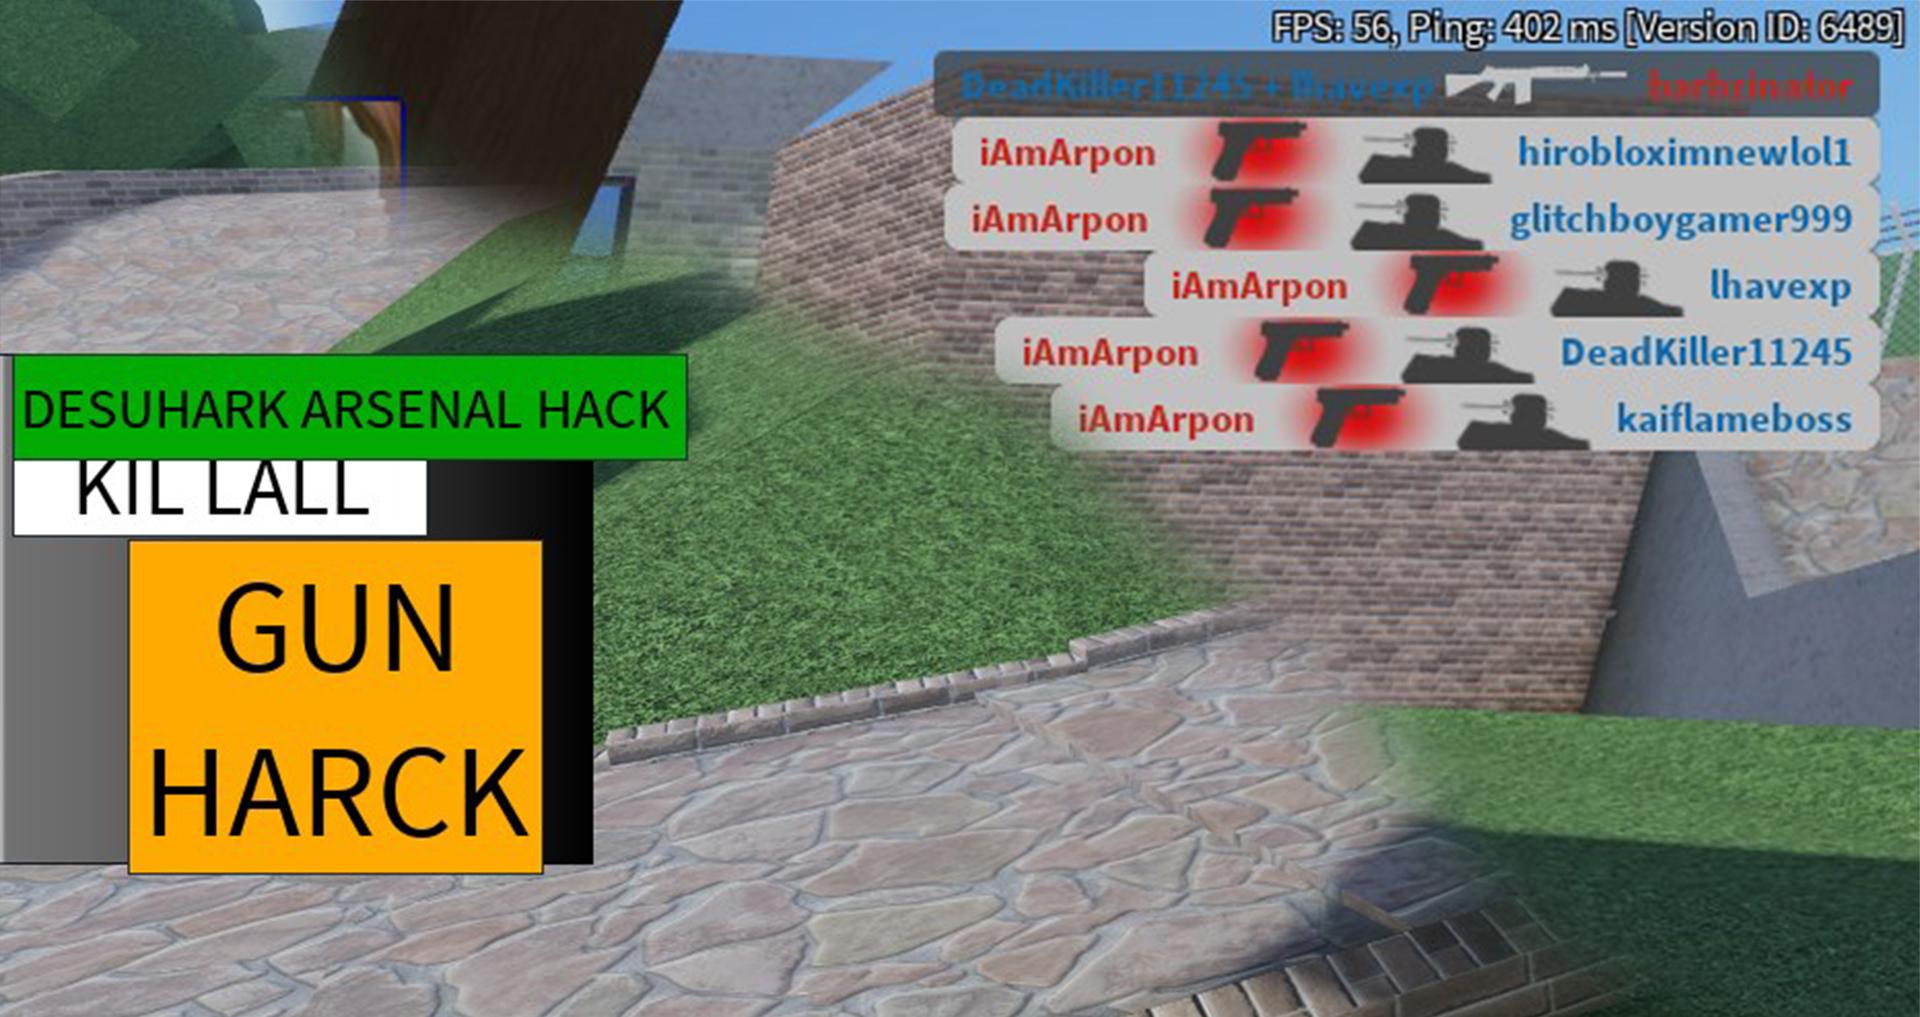 arsenal desuhark kill all gun hack